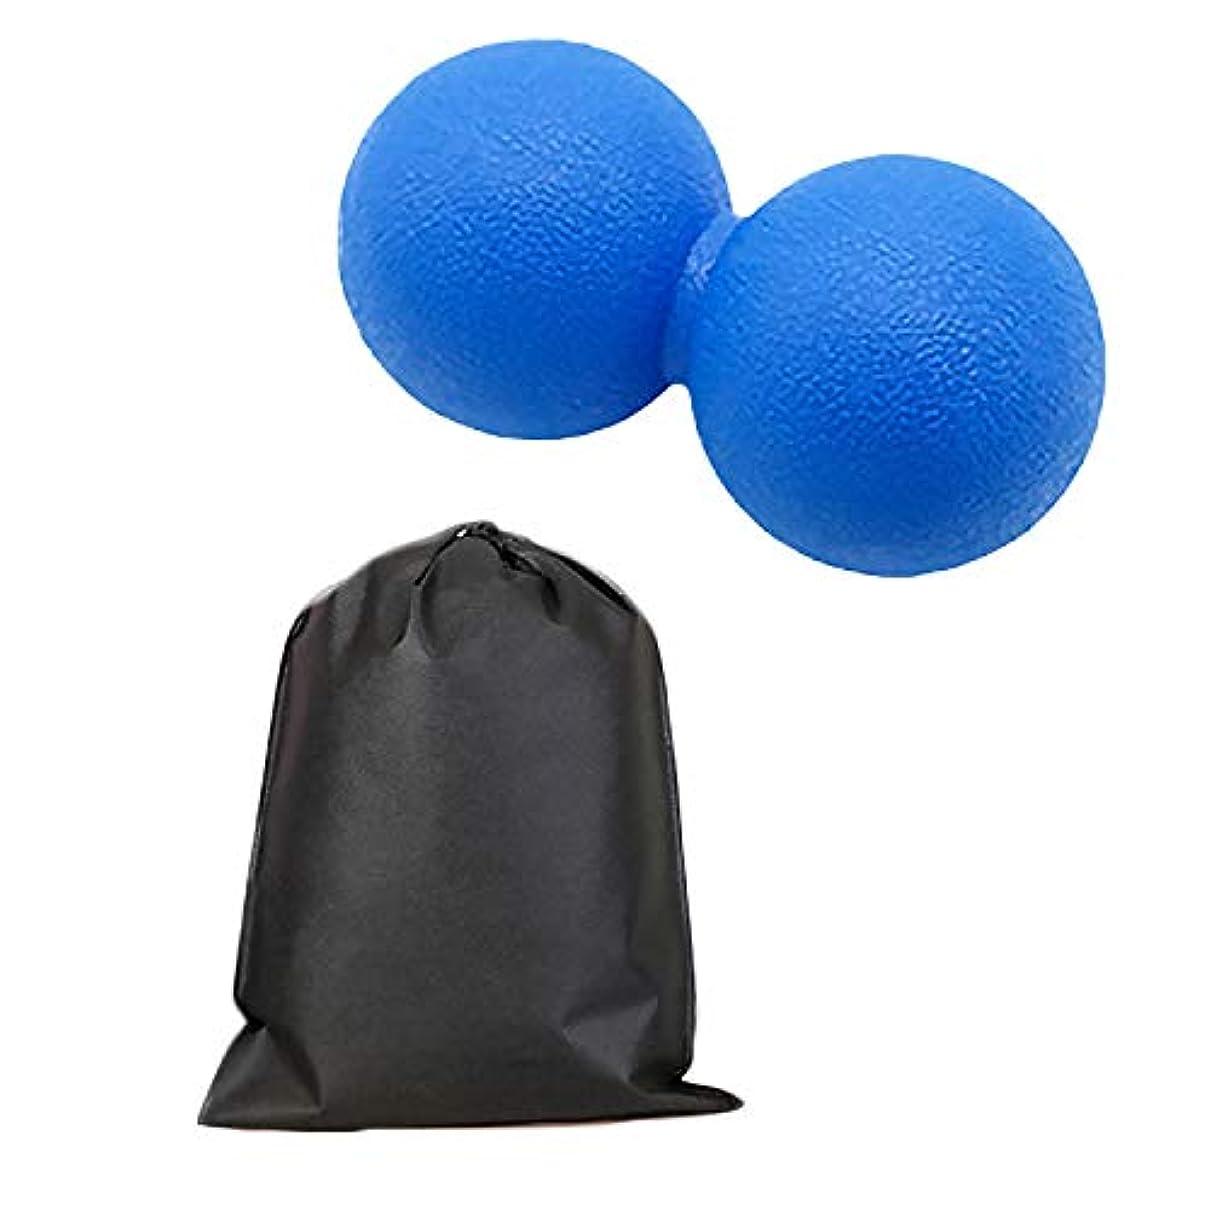 願望知り合いになる養うMigavan マッサージボールローラーバックマッサージボール収納袋が付いているピーナツマッサージのローラーボールのマッサージャー